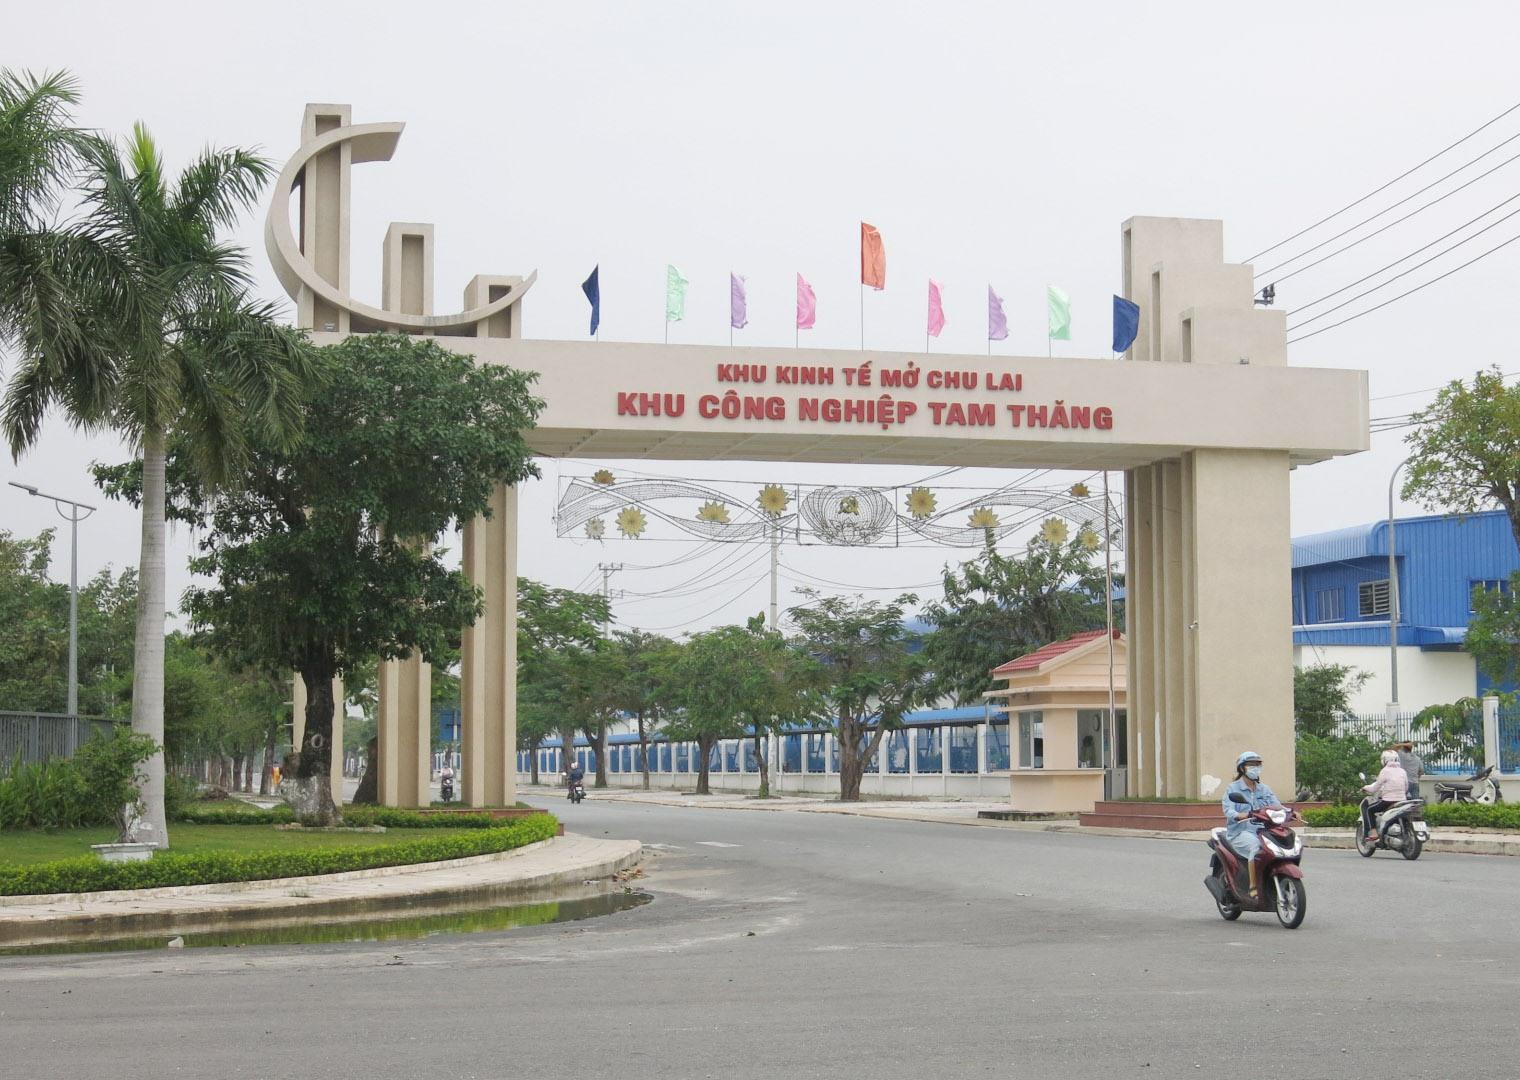 Đến nay, Khu công nghiệp Tam Thăng vẫn là địa chỉ thu hút đầu tư hàng đầu trên địa bàn tỉnh.Ảnh: T.D